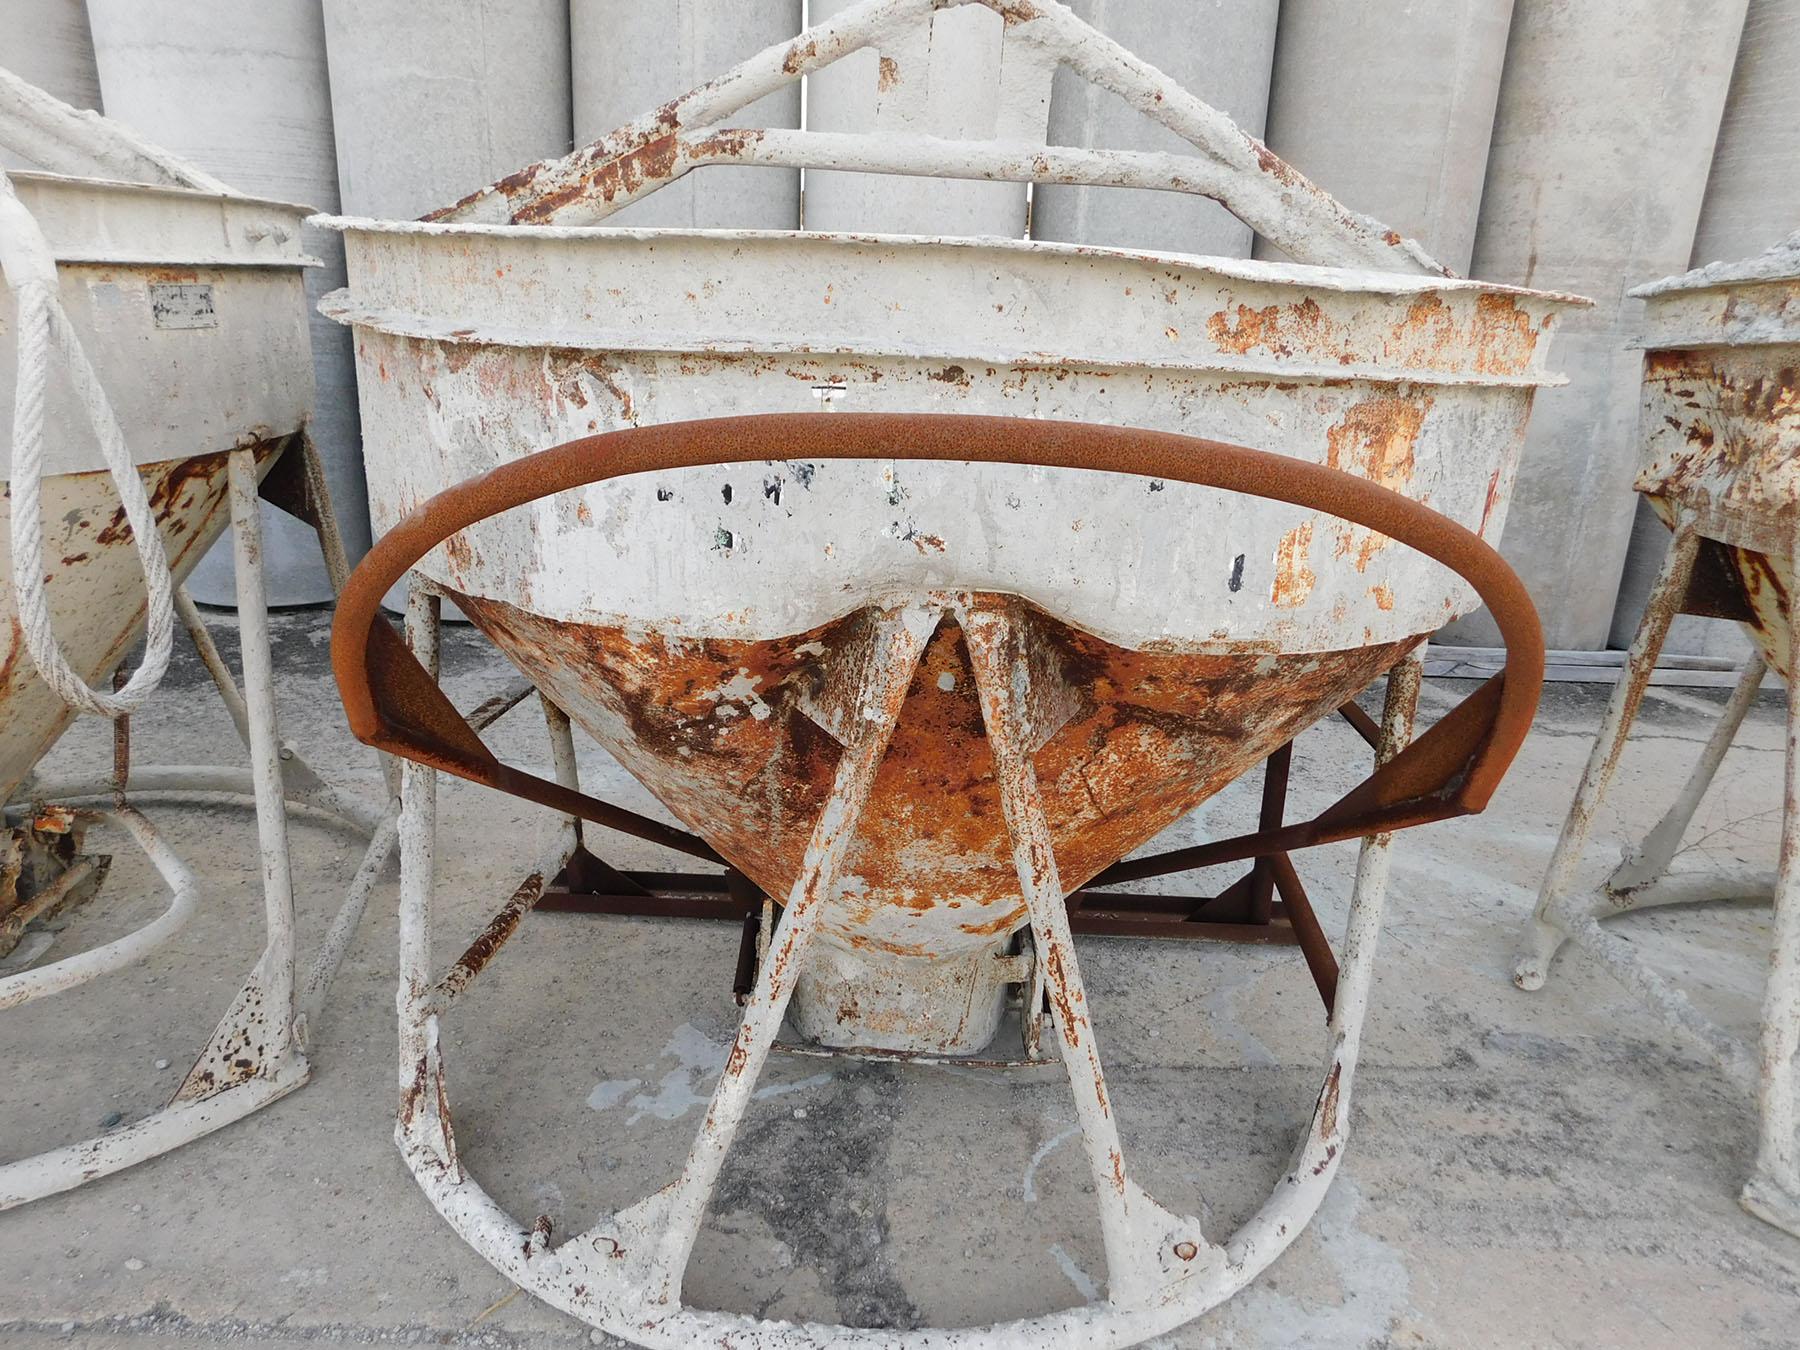 Lot 2340 - GAR-BRO CONCRETE BUCKET